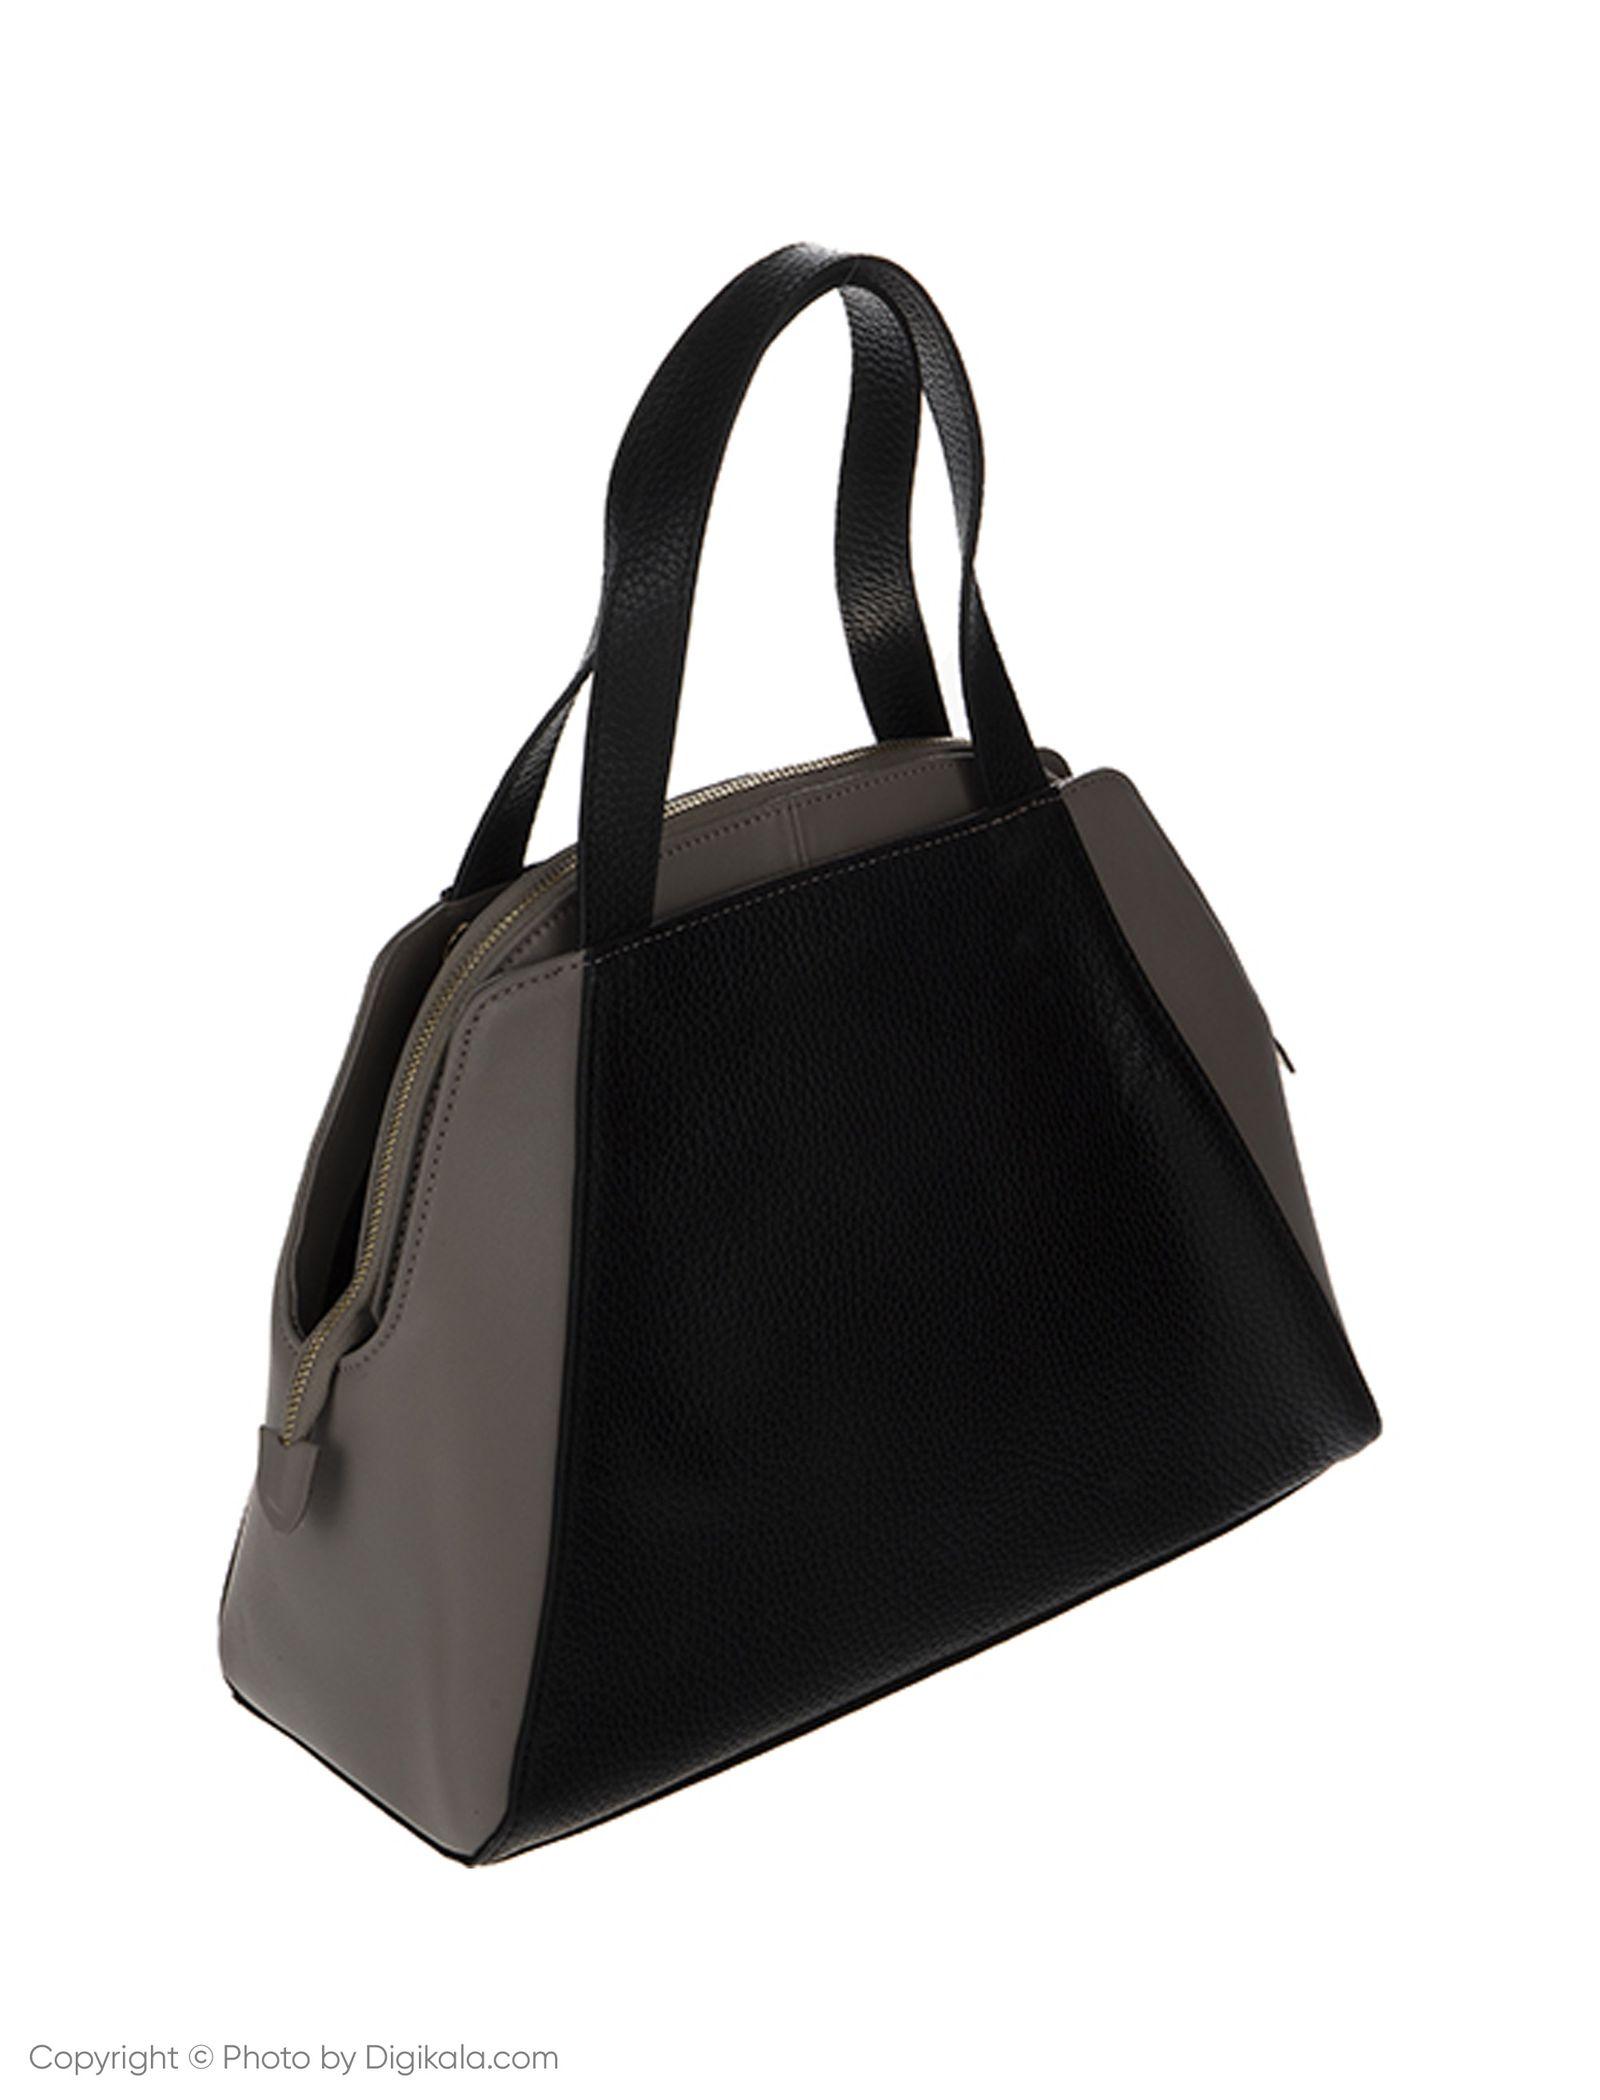 کیف دستی زنانه چرم مشهد مدل S0712-008 -  - 5